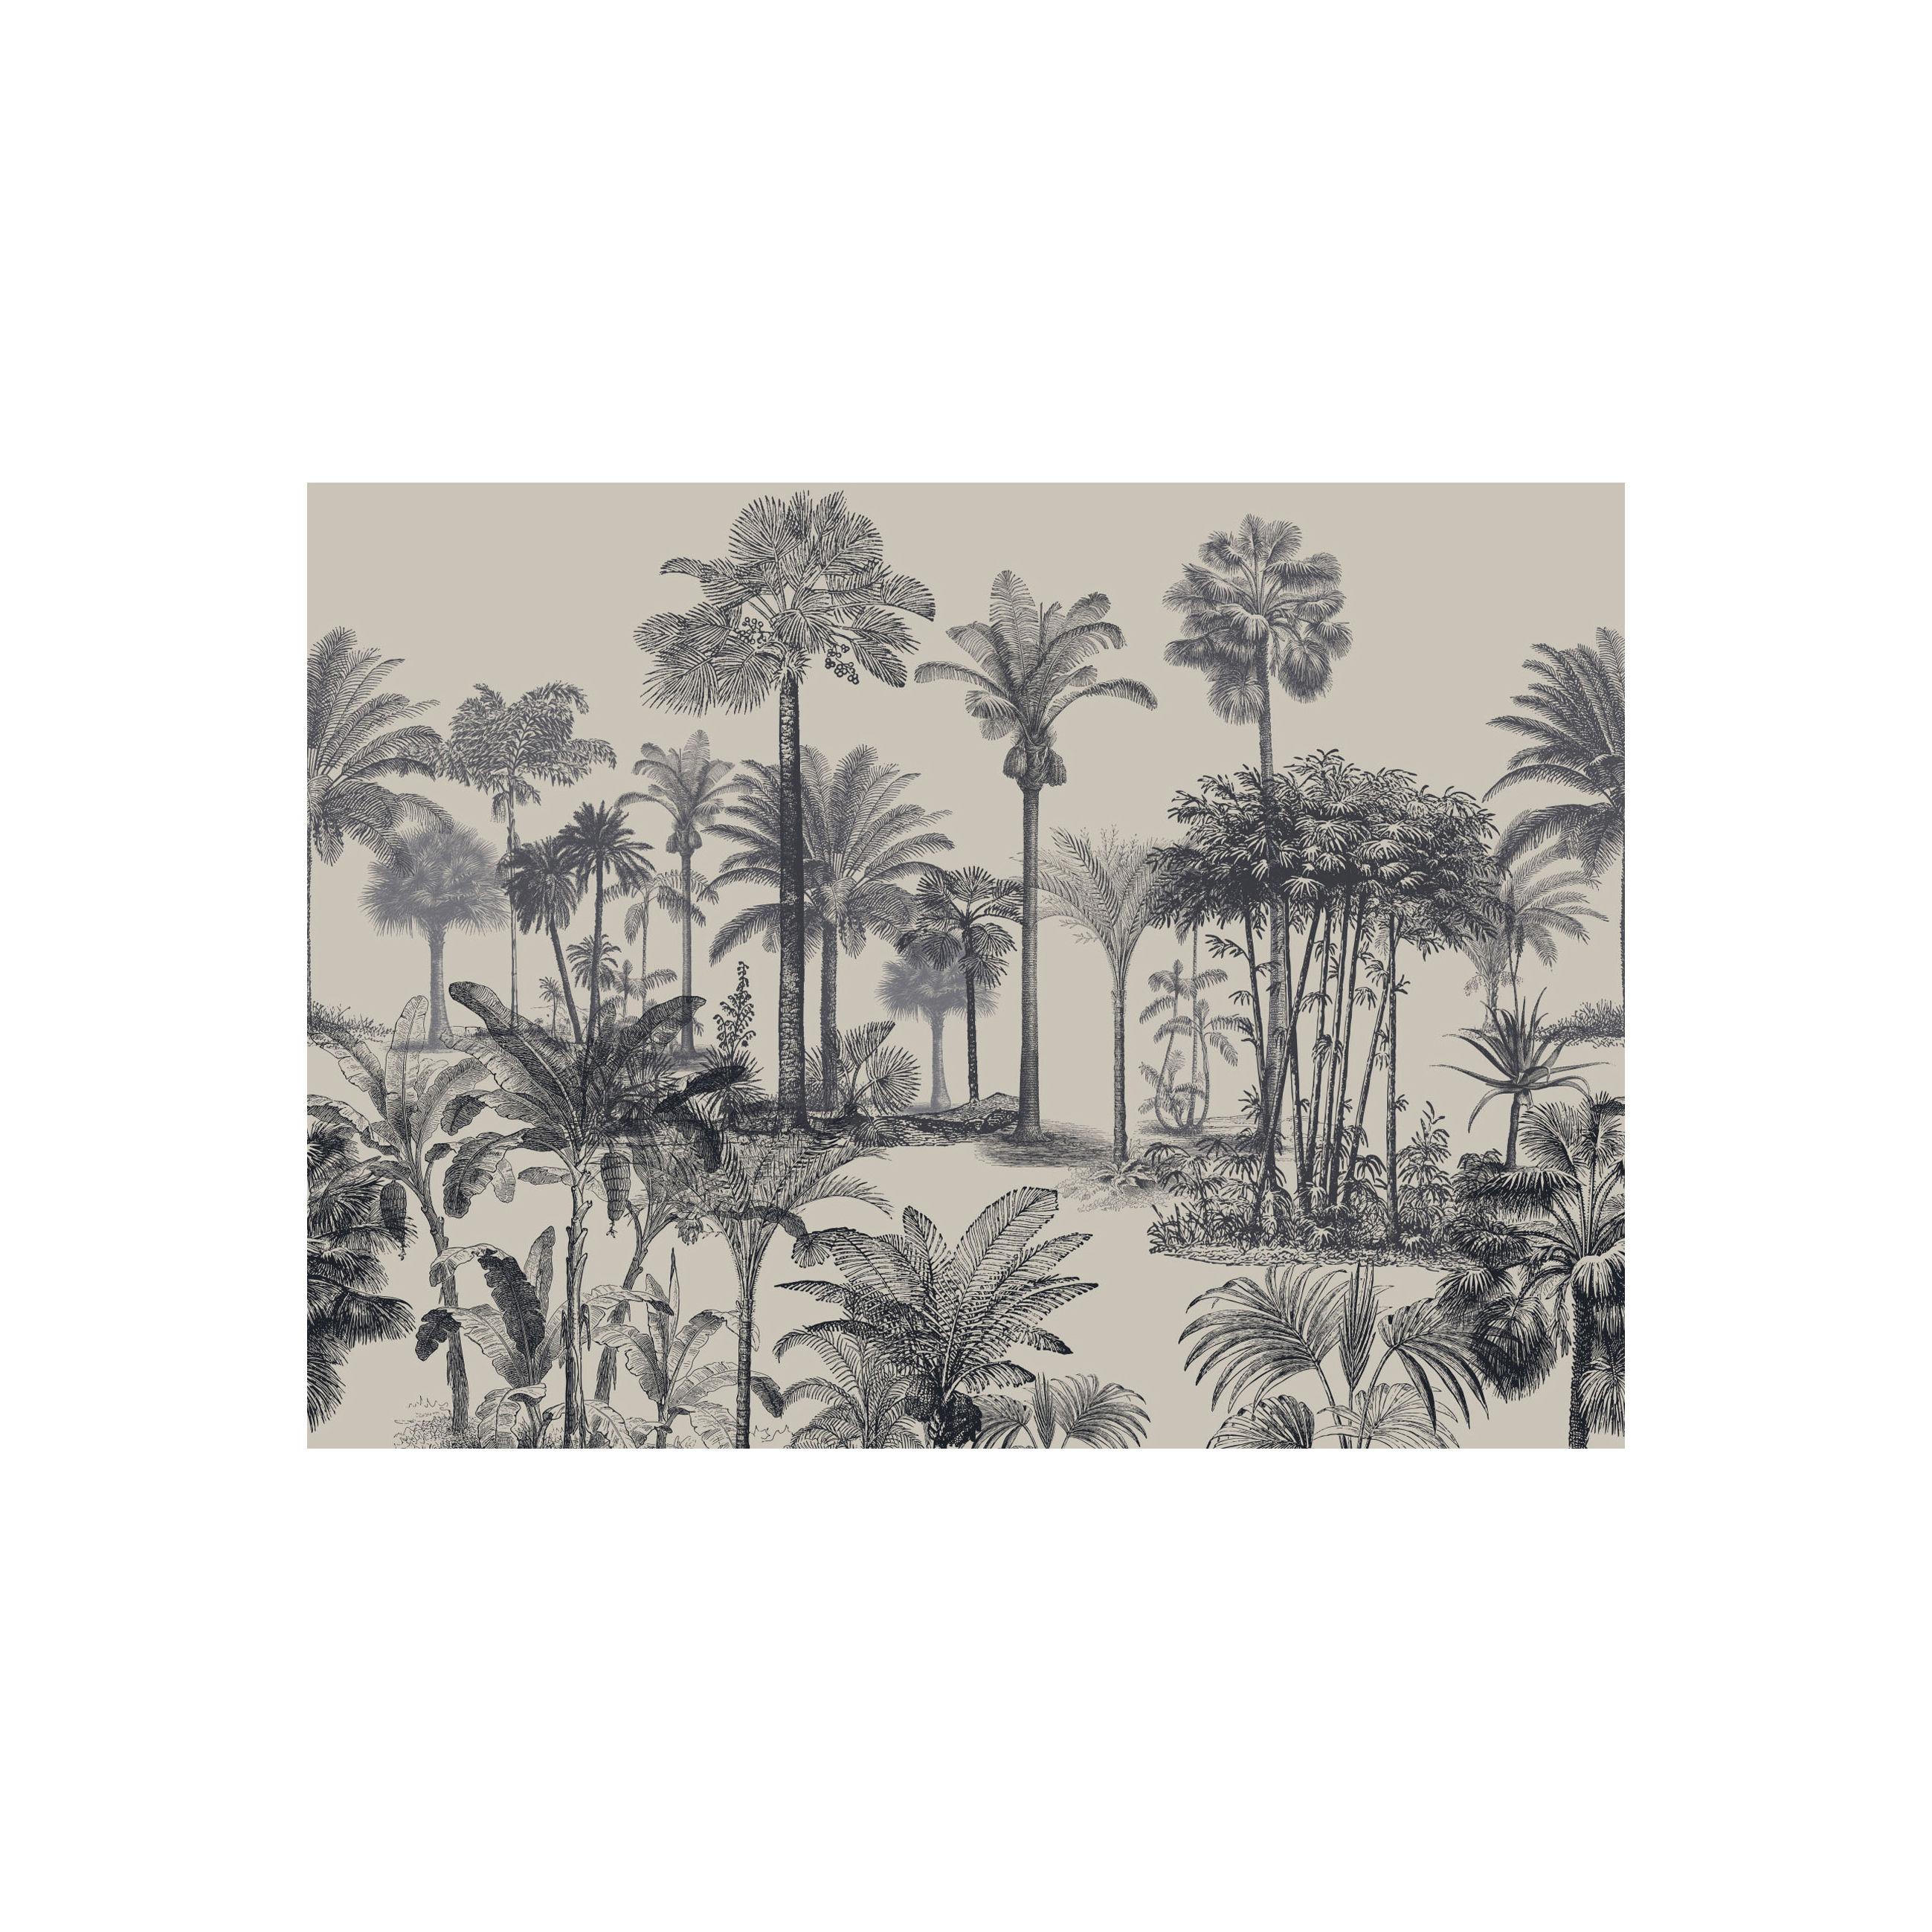 Arts de la table - Nappes, serviettes et sets - Set de table Tresors / Vinyle - Beaumont - Palmiers n° 2 / Noir & Blanc - Vinyle